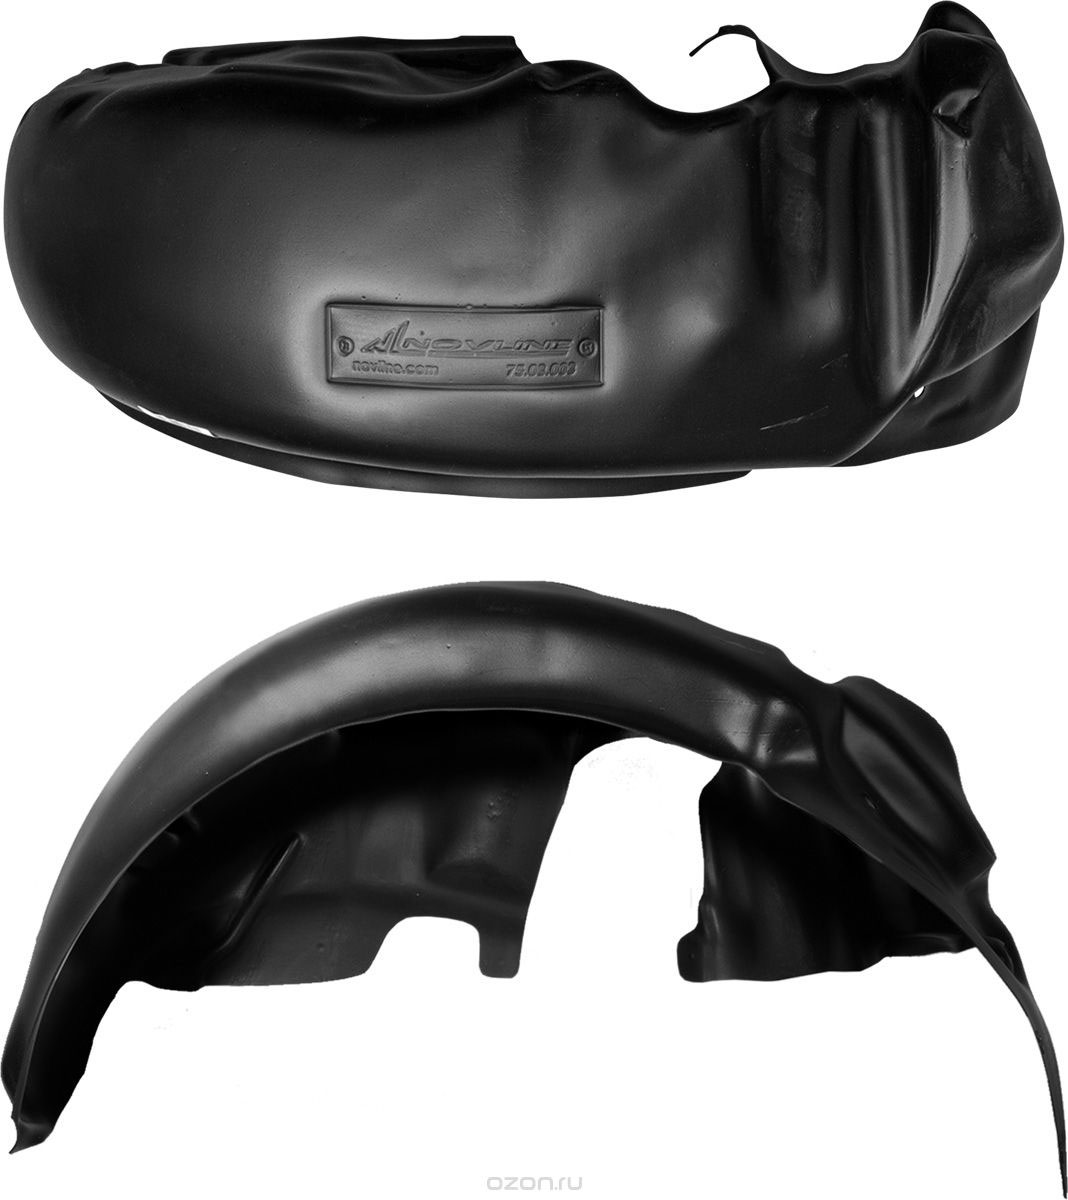 Подкрылок Novline-Autofamily, для Нива, 04/1997->, задний левый002413Идеальная защита колесной ниши. Локеры разработаны с применением цифровых технологий, гарантируют максимальную повторяемость поверхности арки. Изделия устанавливаются без нарушения лакокрасочного покрытия автомобиля, каждый подкрылок комплектуется крепежом. Уважаемые клиенты, обращаем ваше внимание, что фотографии на подкрылки универсальные и не отражают реальную форму изделия. При этом само изделие идет точно под размер указанного автомобиля.